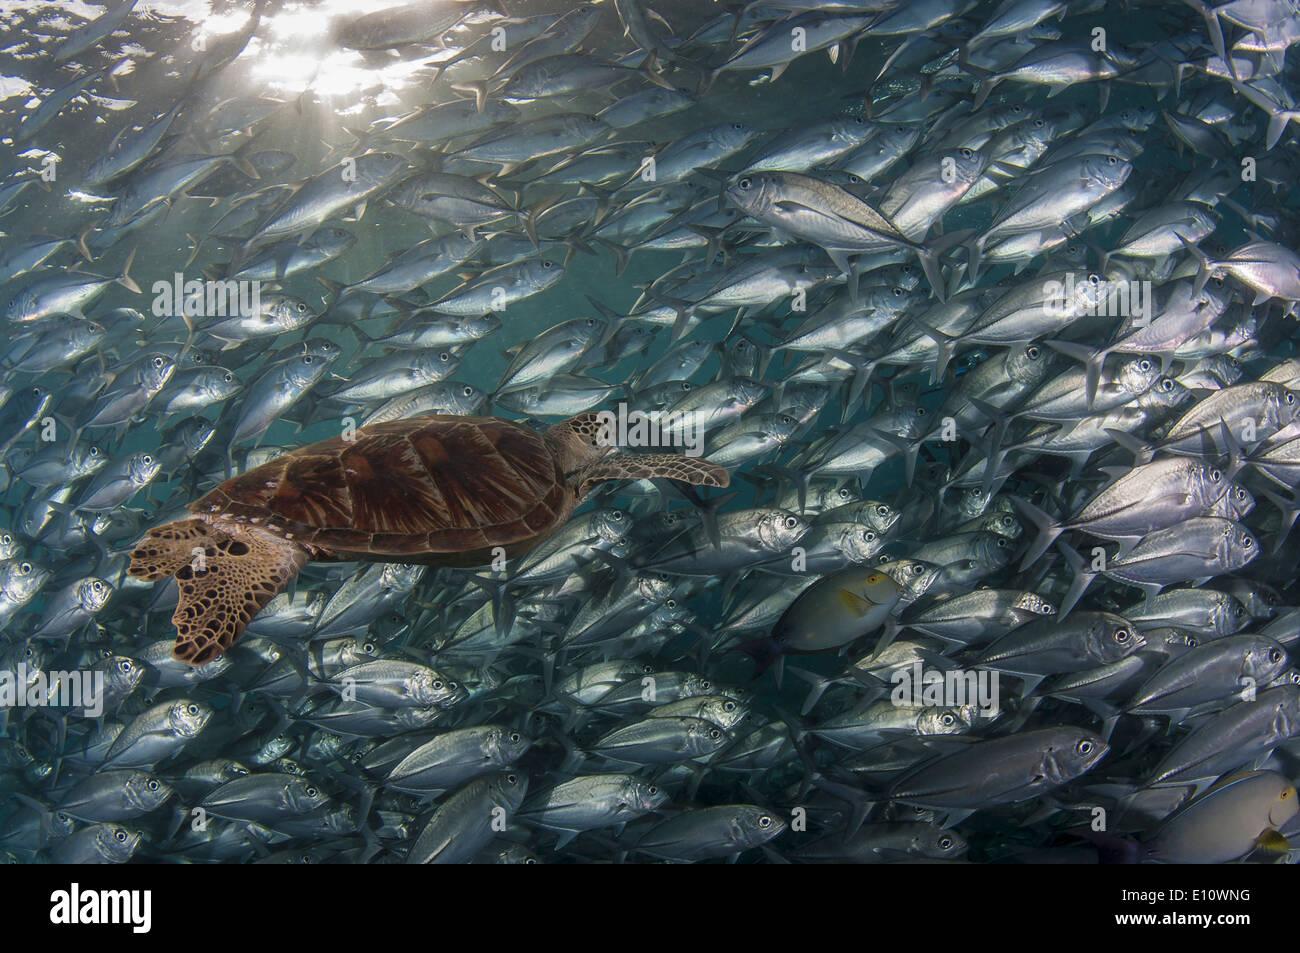 Una tortuga de mar verde cubierto por Big-eye Trevally, Malasia (Chelonia mydas), (Caranx sexfasciatus) Foto de stock